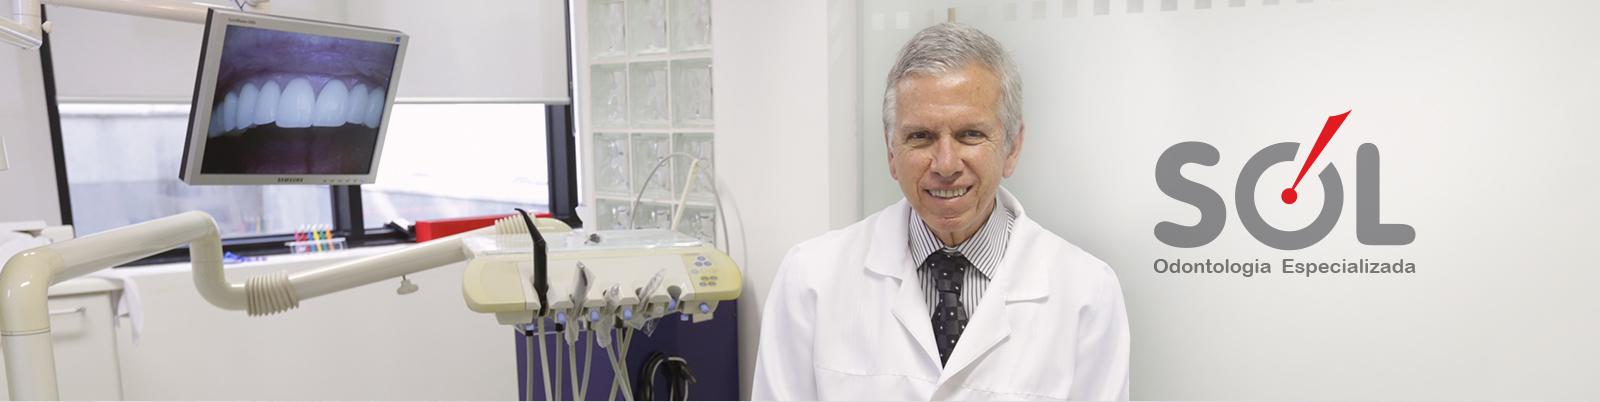 Sociedade de Odontologia a Laser